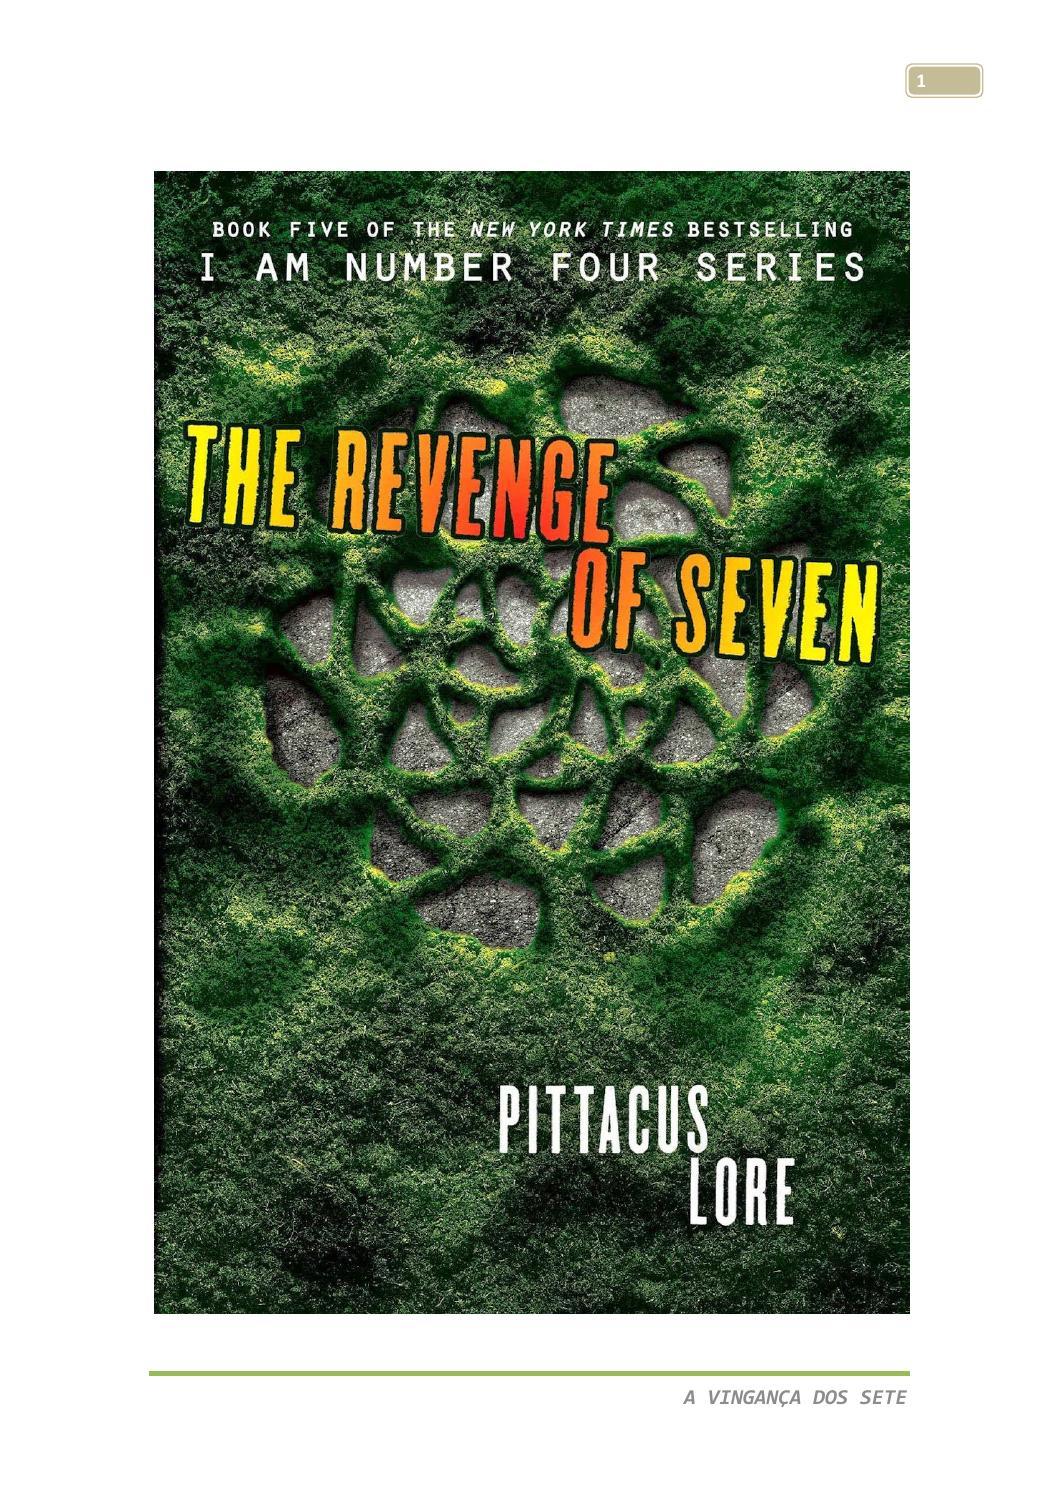 Os legados de lorien 05 a vingança dos sete pittacus lore